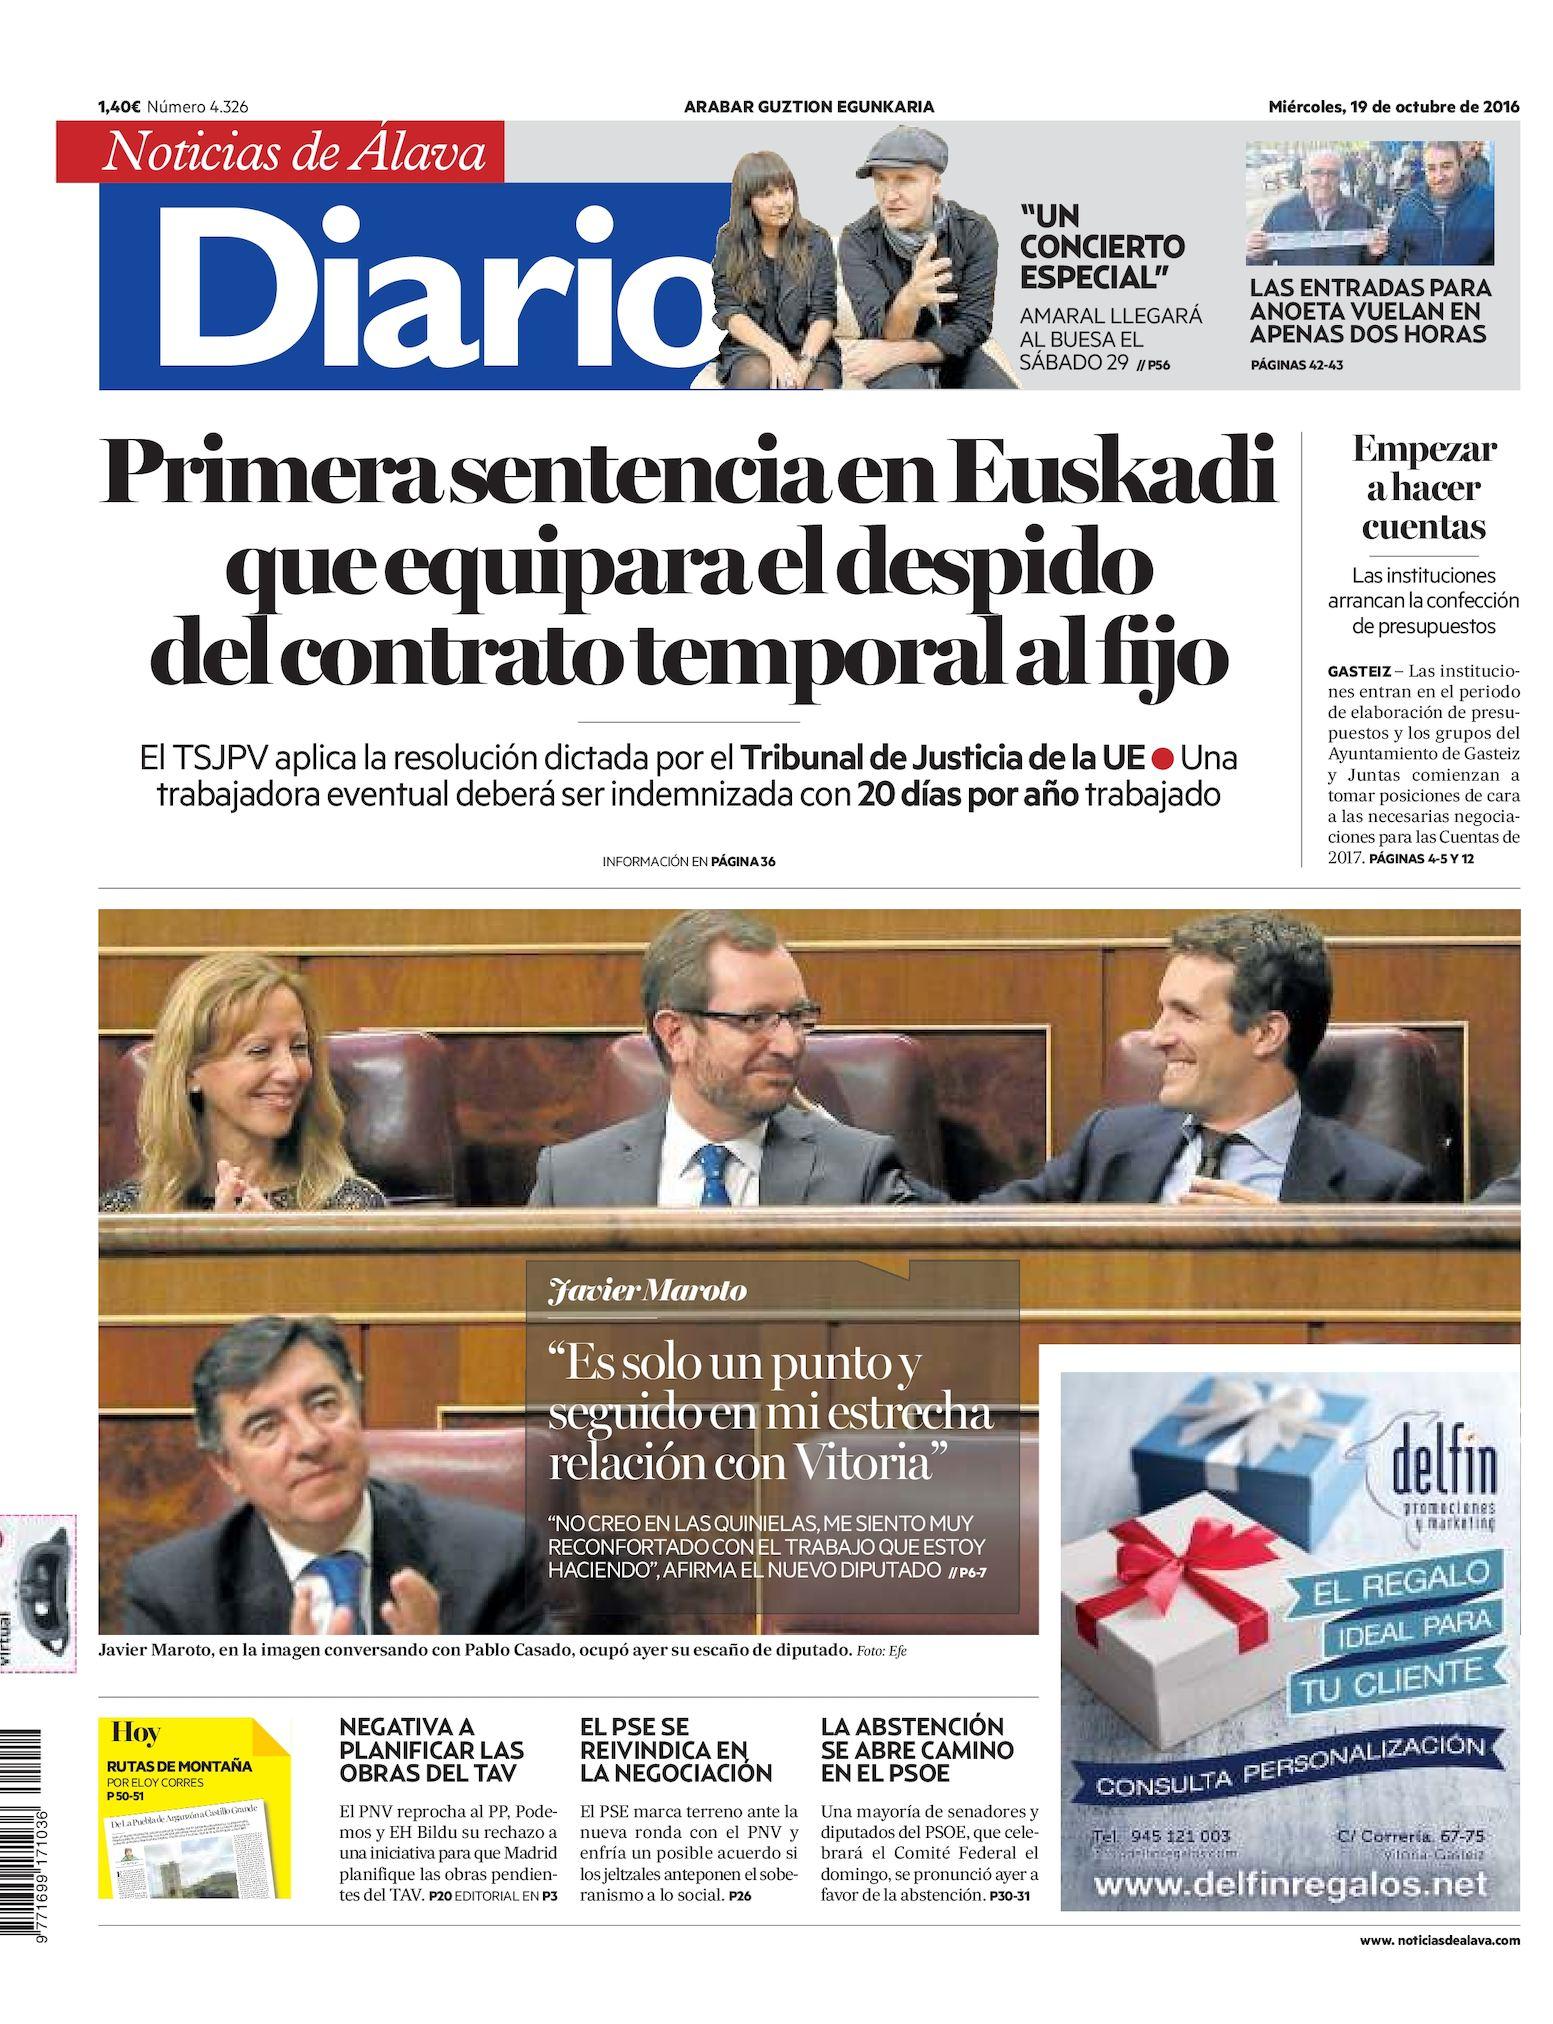 De Álava Noticias 20161019 Calaméo Diario XqYxW8